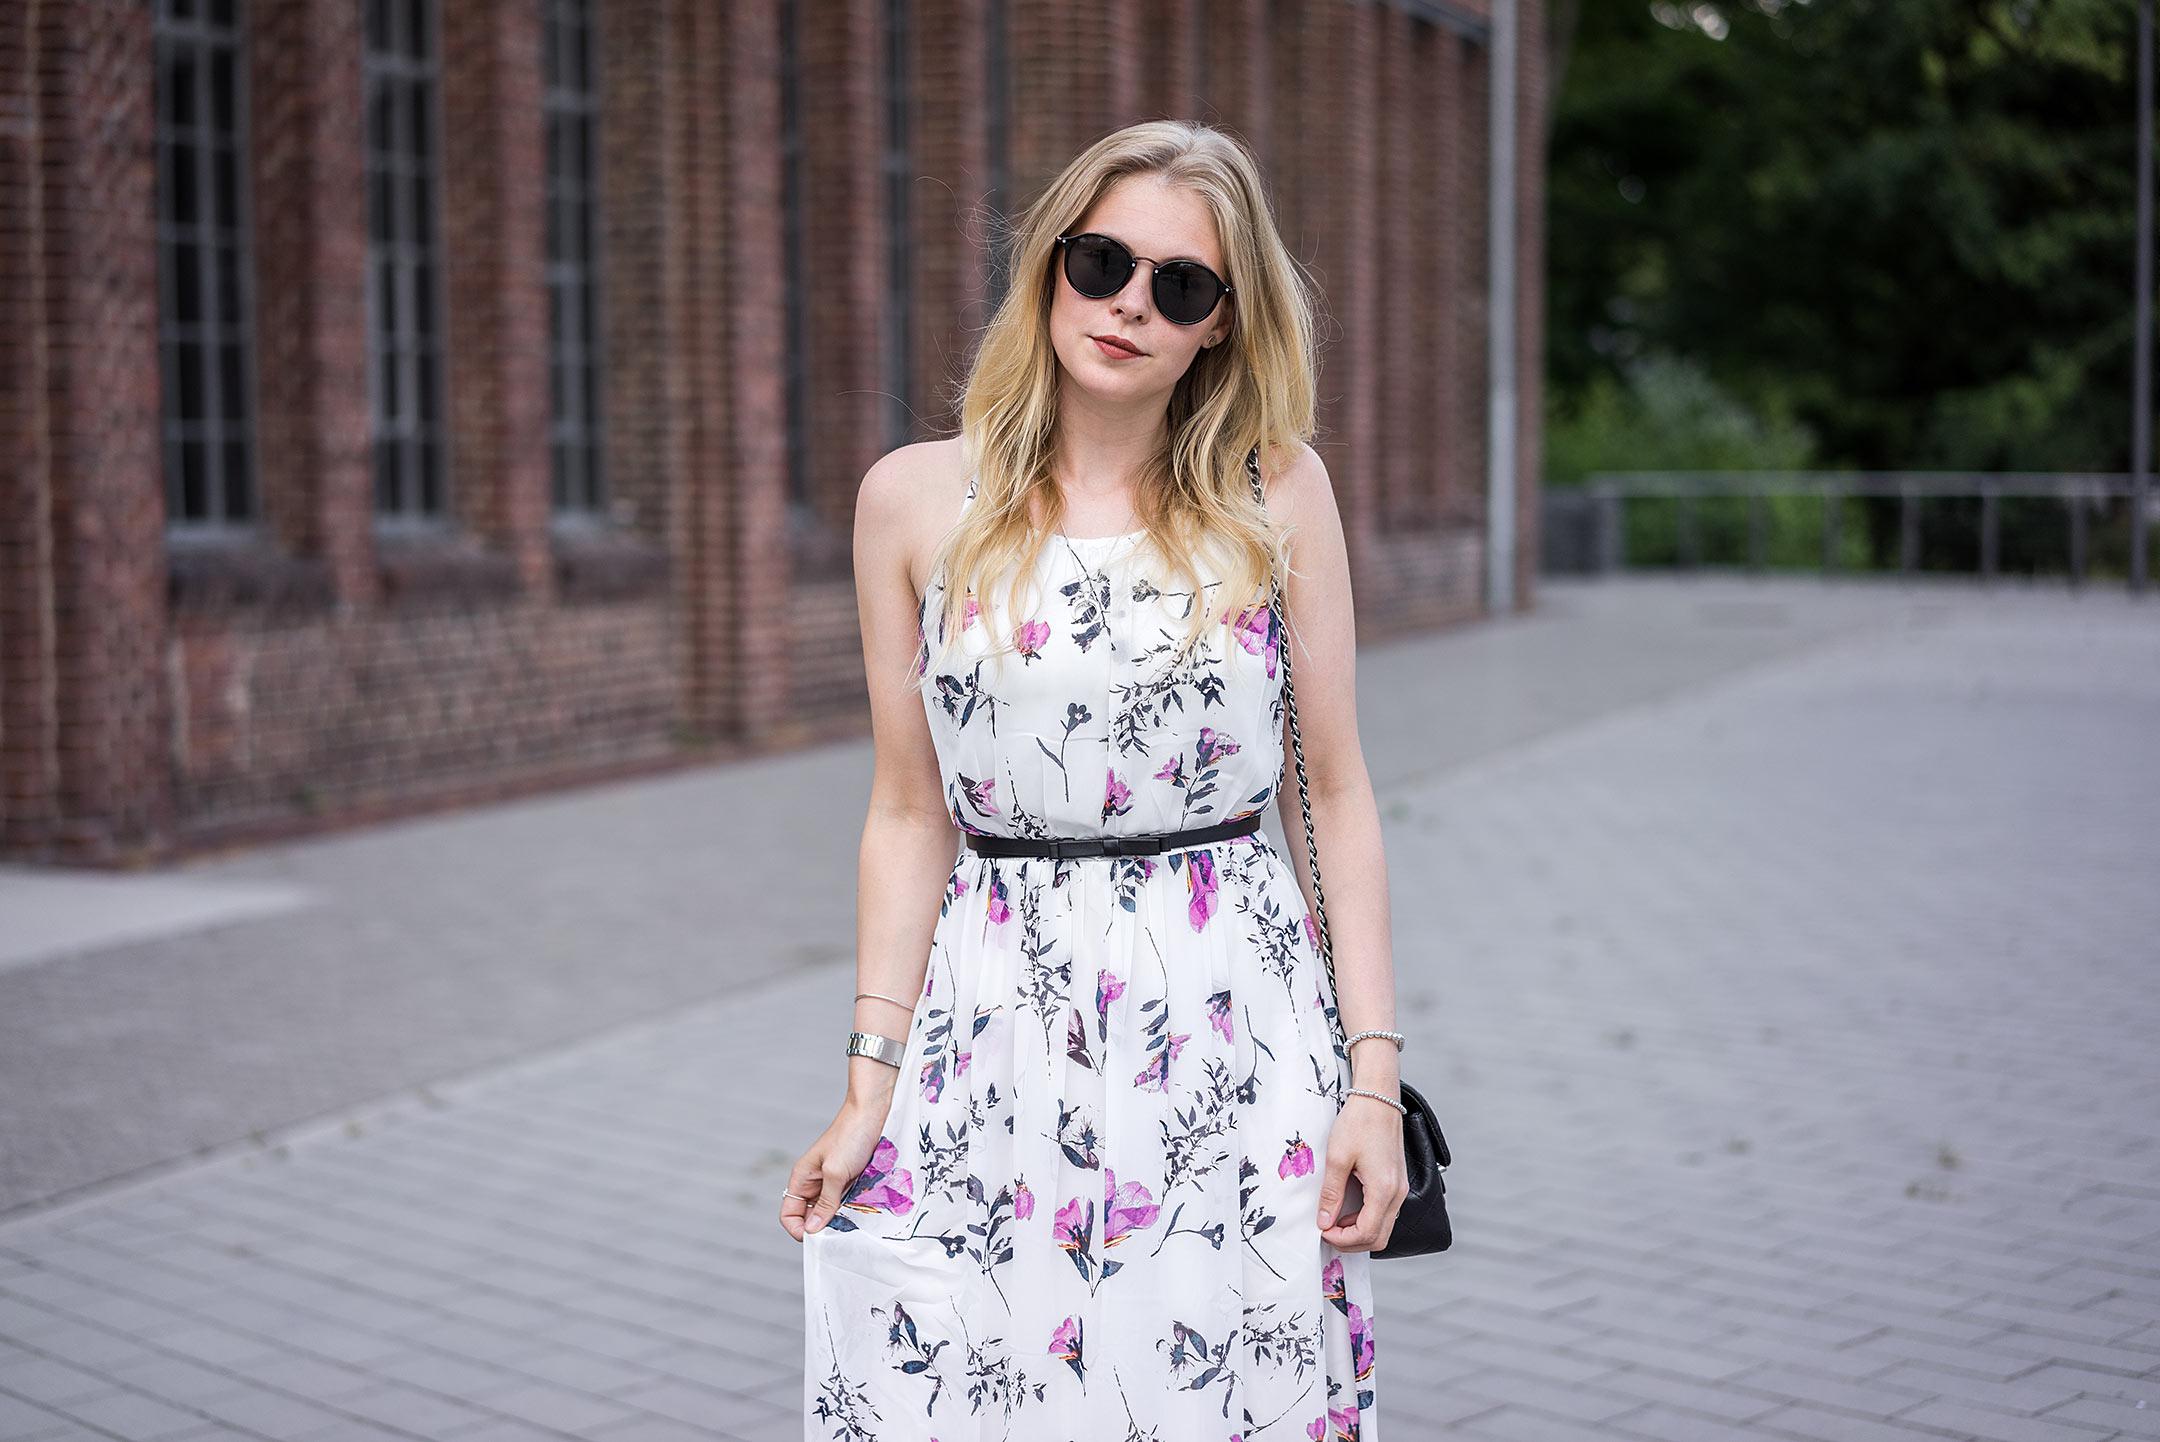 Kleid weiß Blumenprint Sommeroutfit Modeblog Sunnyinga Düsseldorf